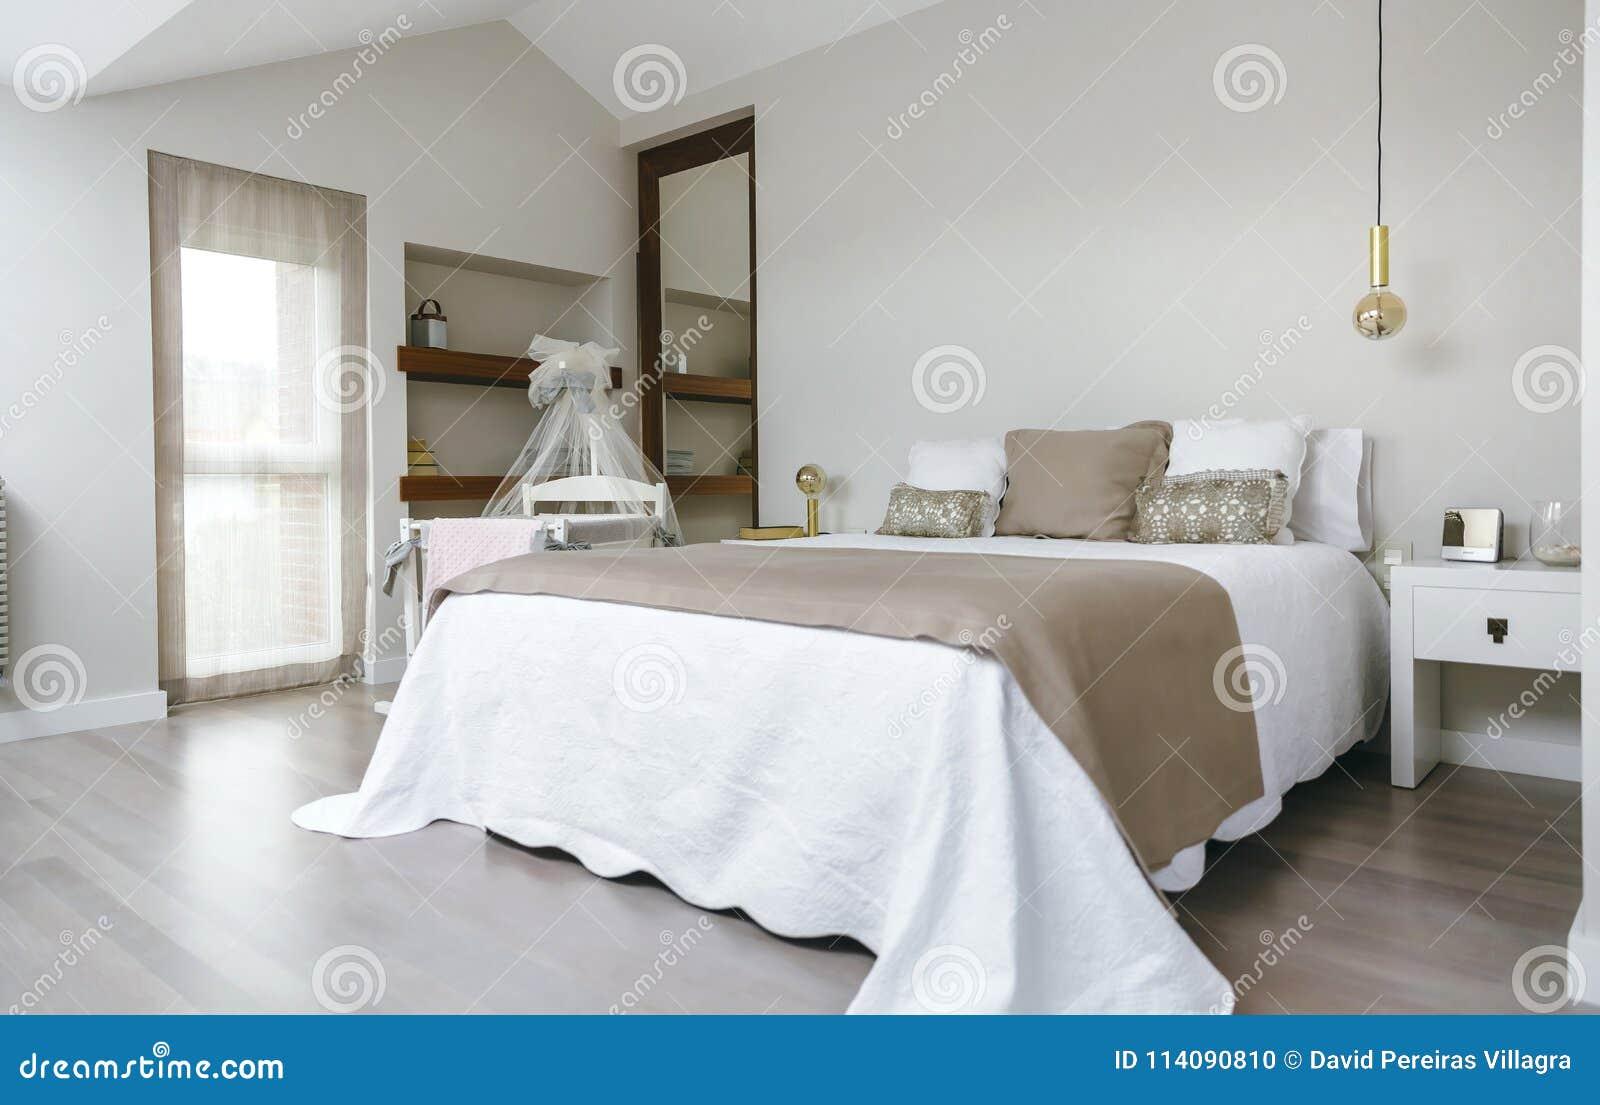 Camera da letto con letto matrimoniale e la culla fotografia stock